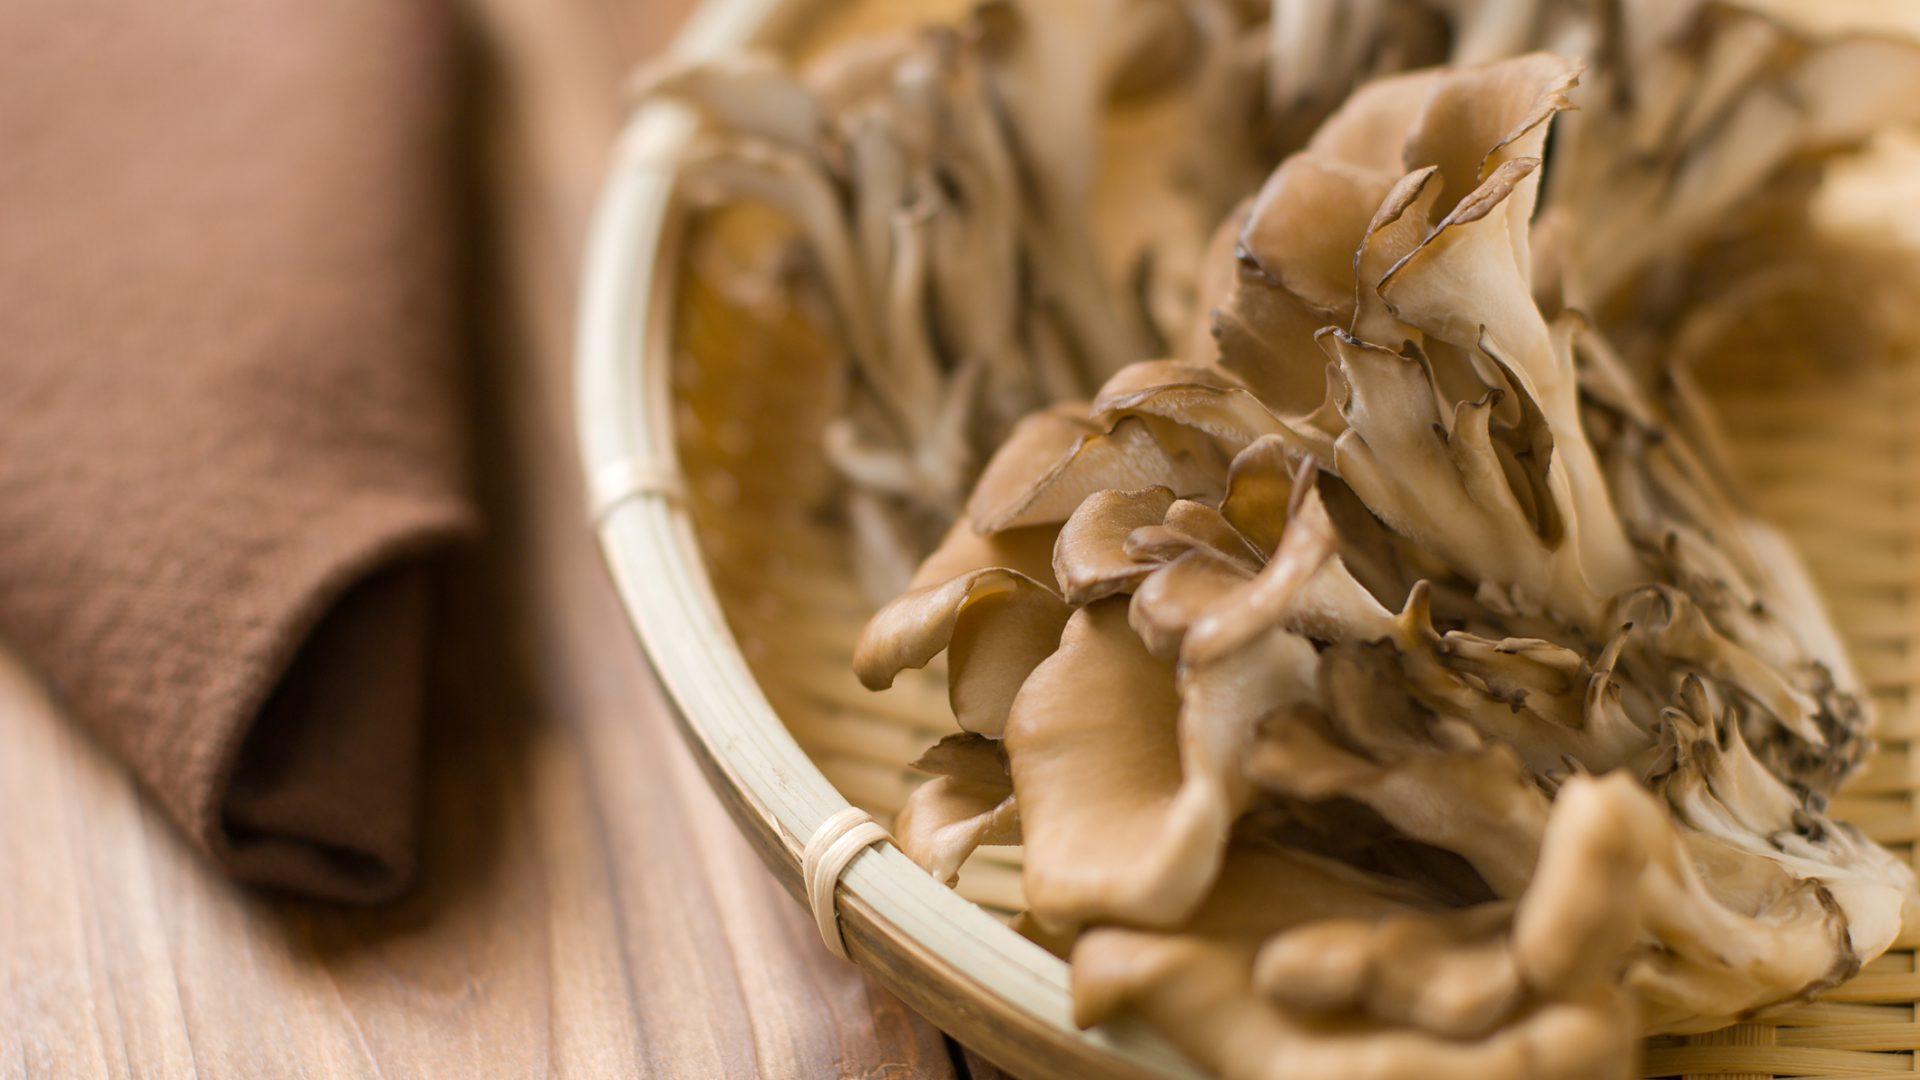 Maitake And Shiitake Mushrooms – The Key To Health?